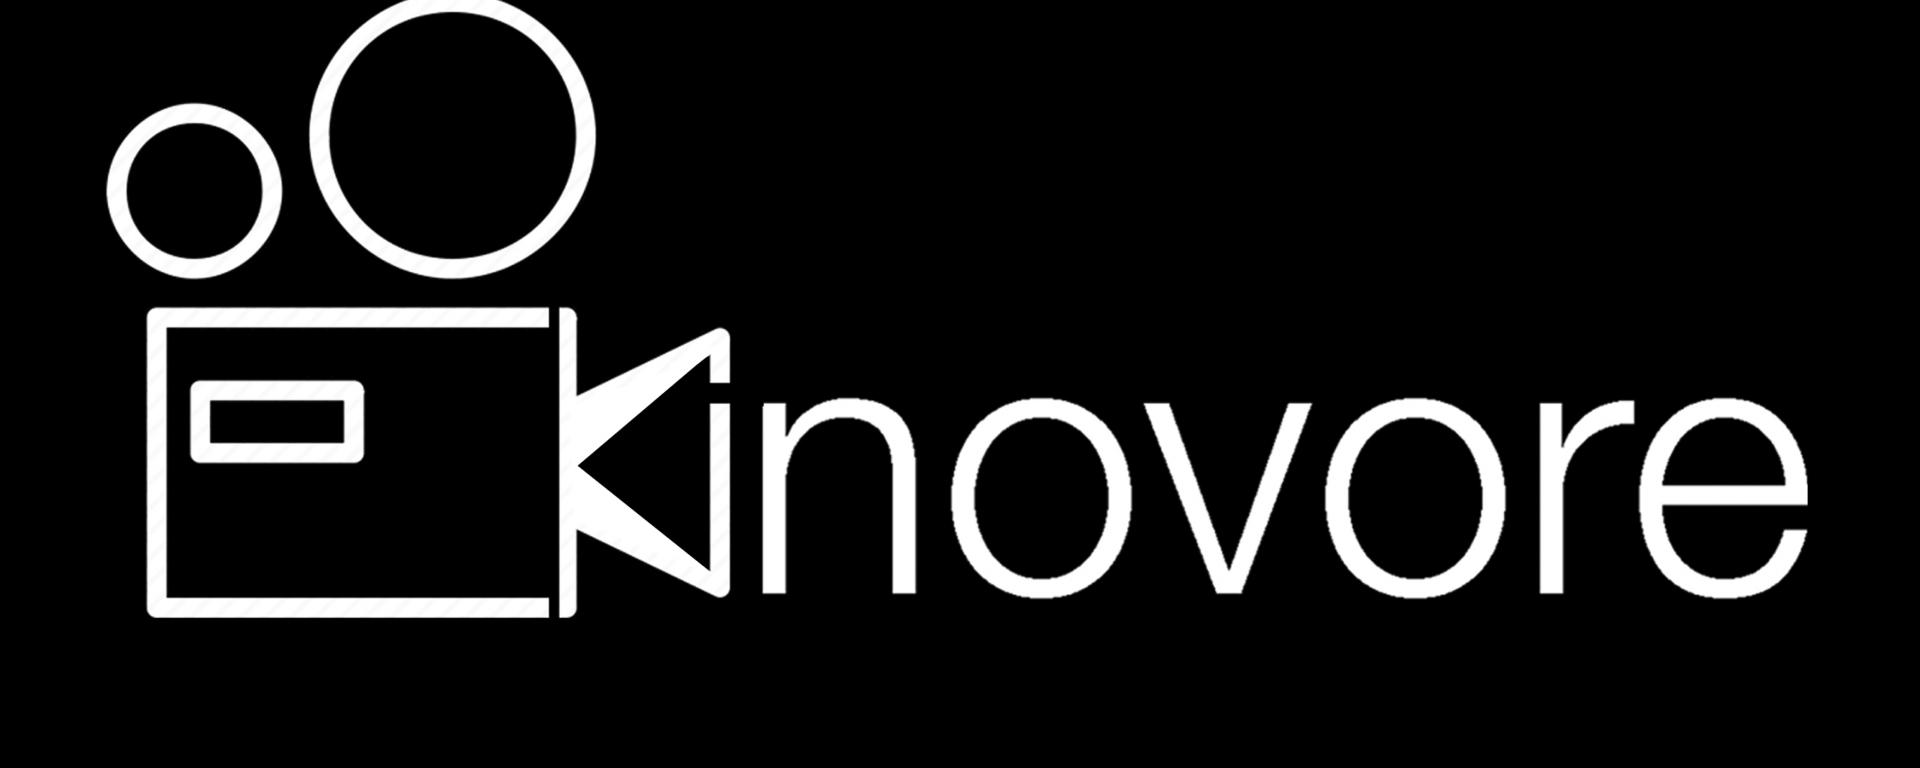 Kinovore - Logo (Fond noir)